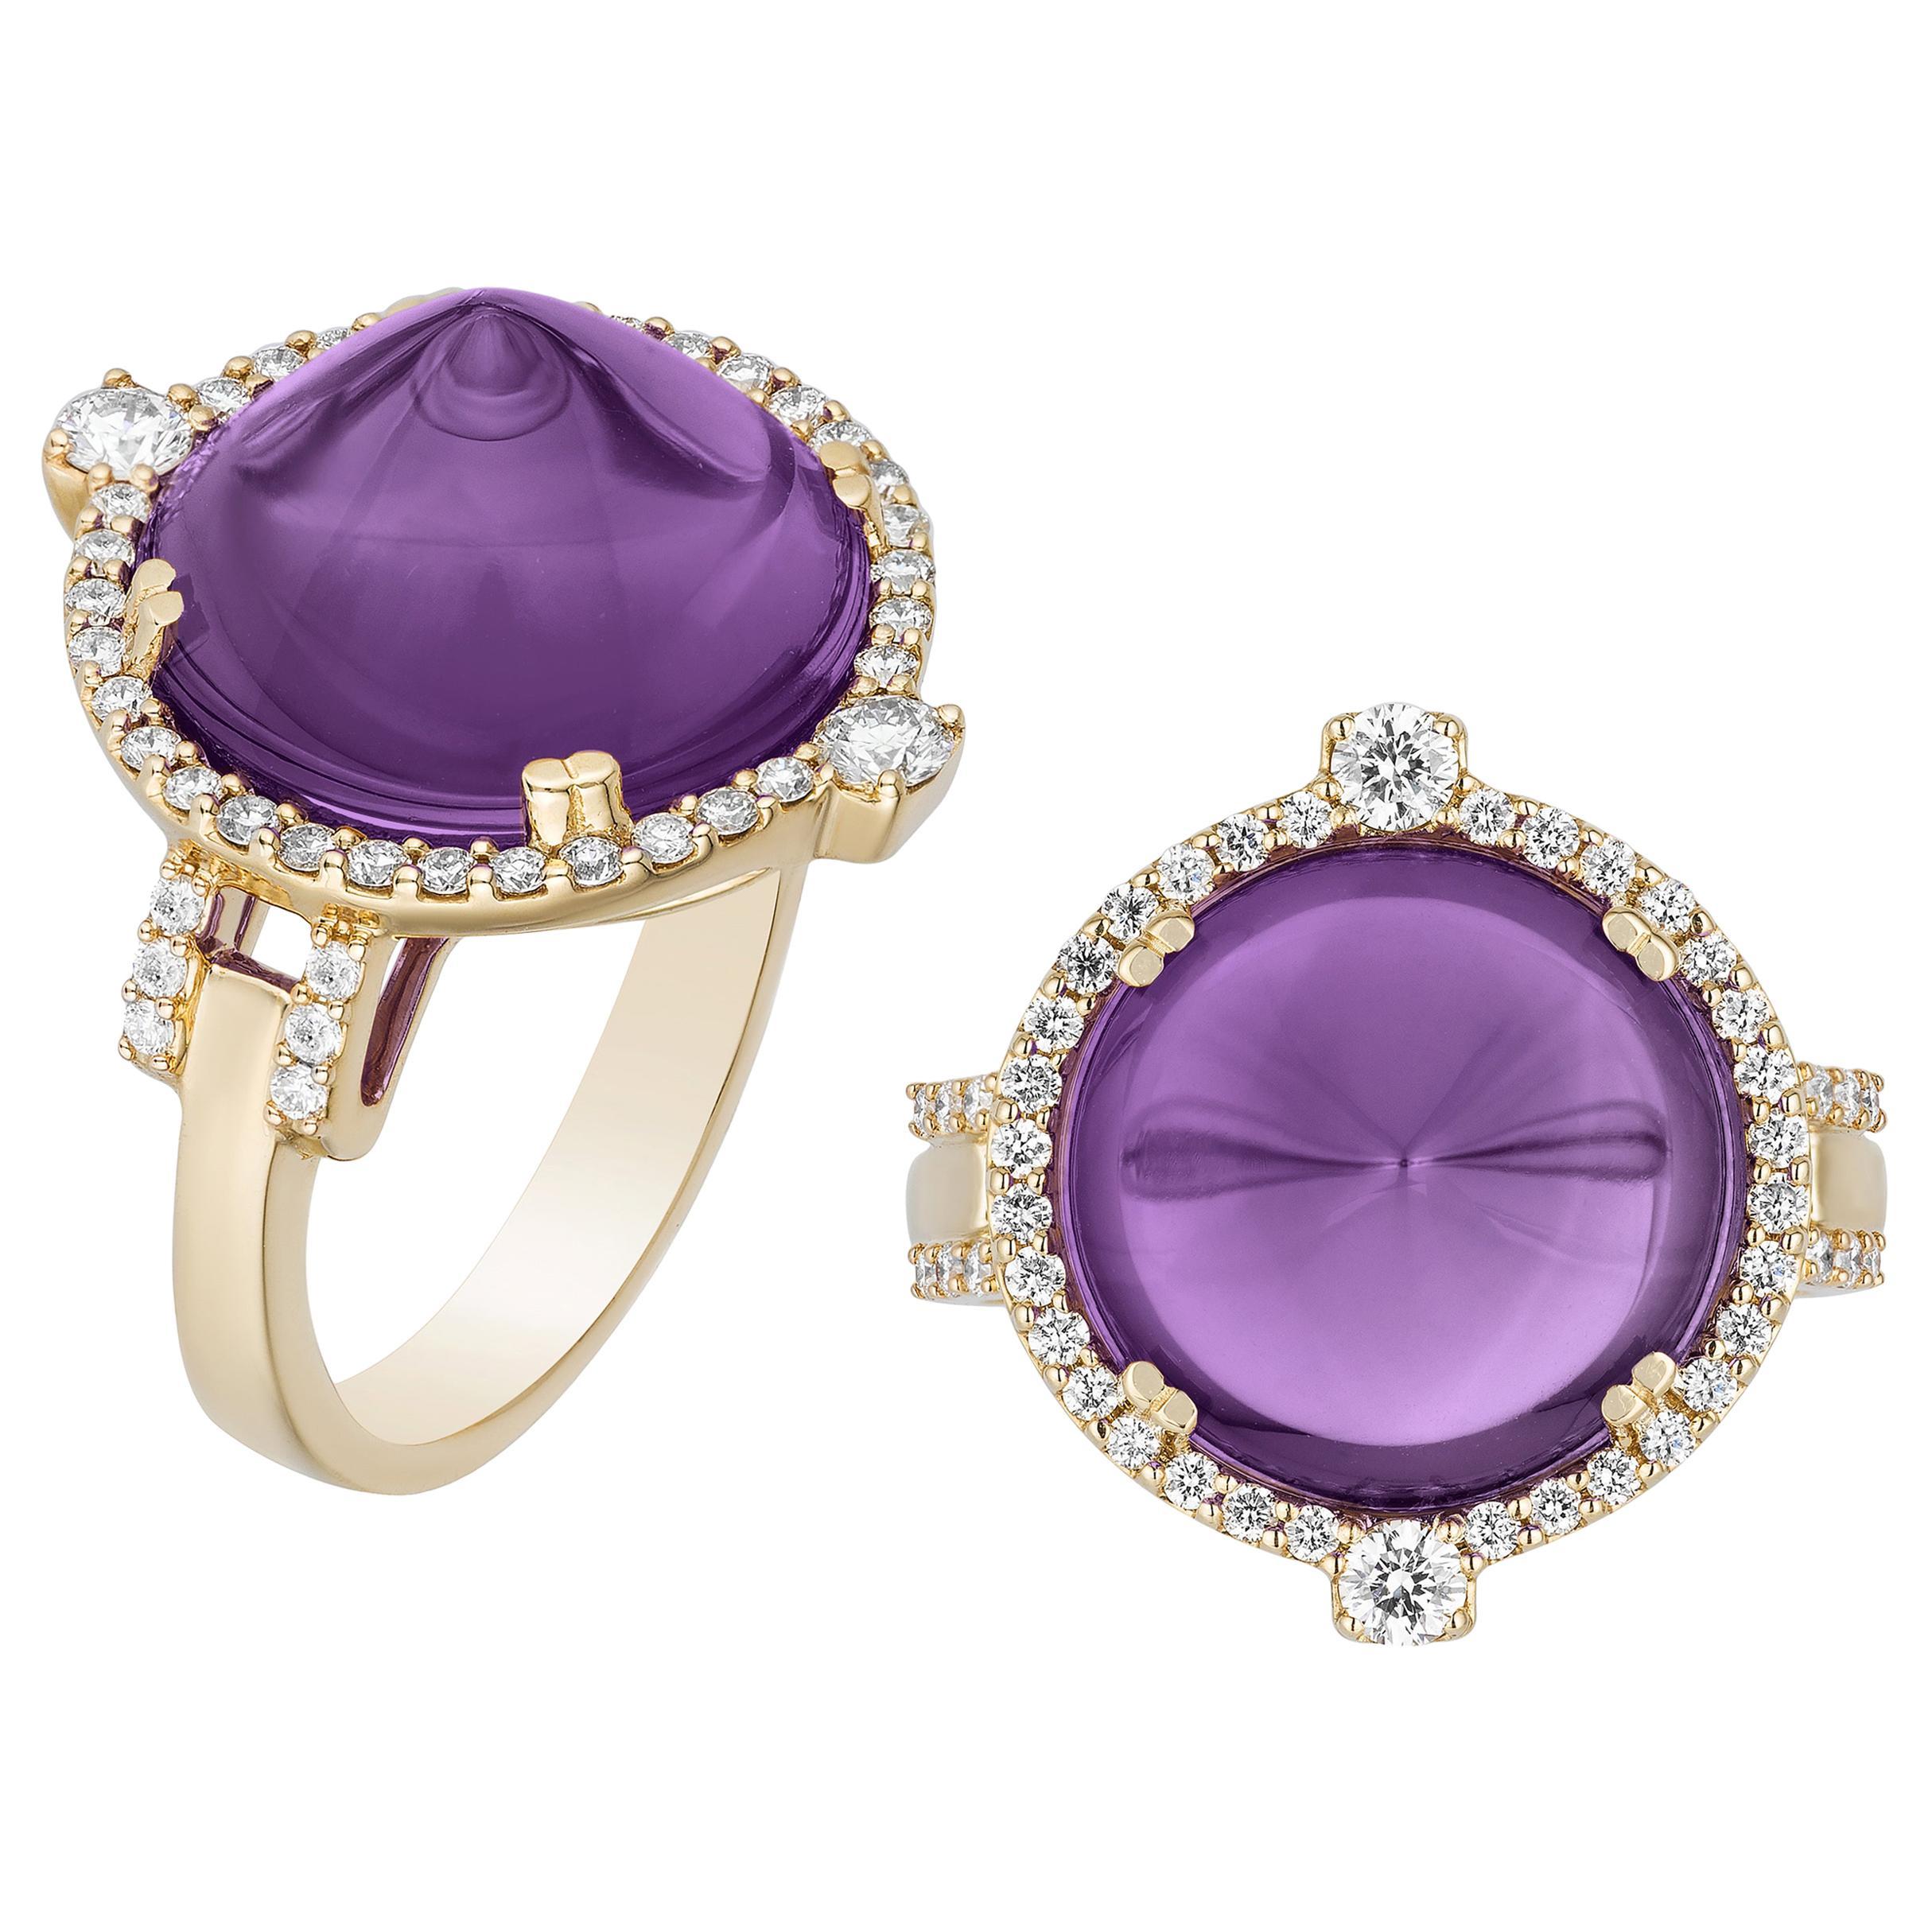 Goshwara Amethyst Sugar Loaf And Diamond Ring